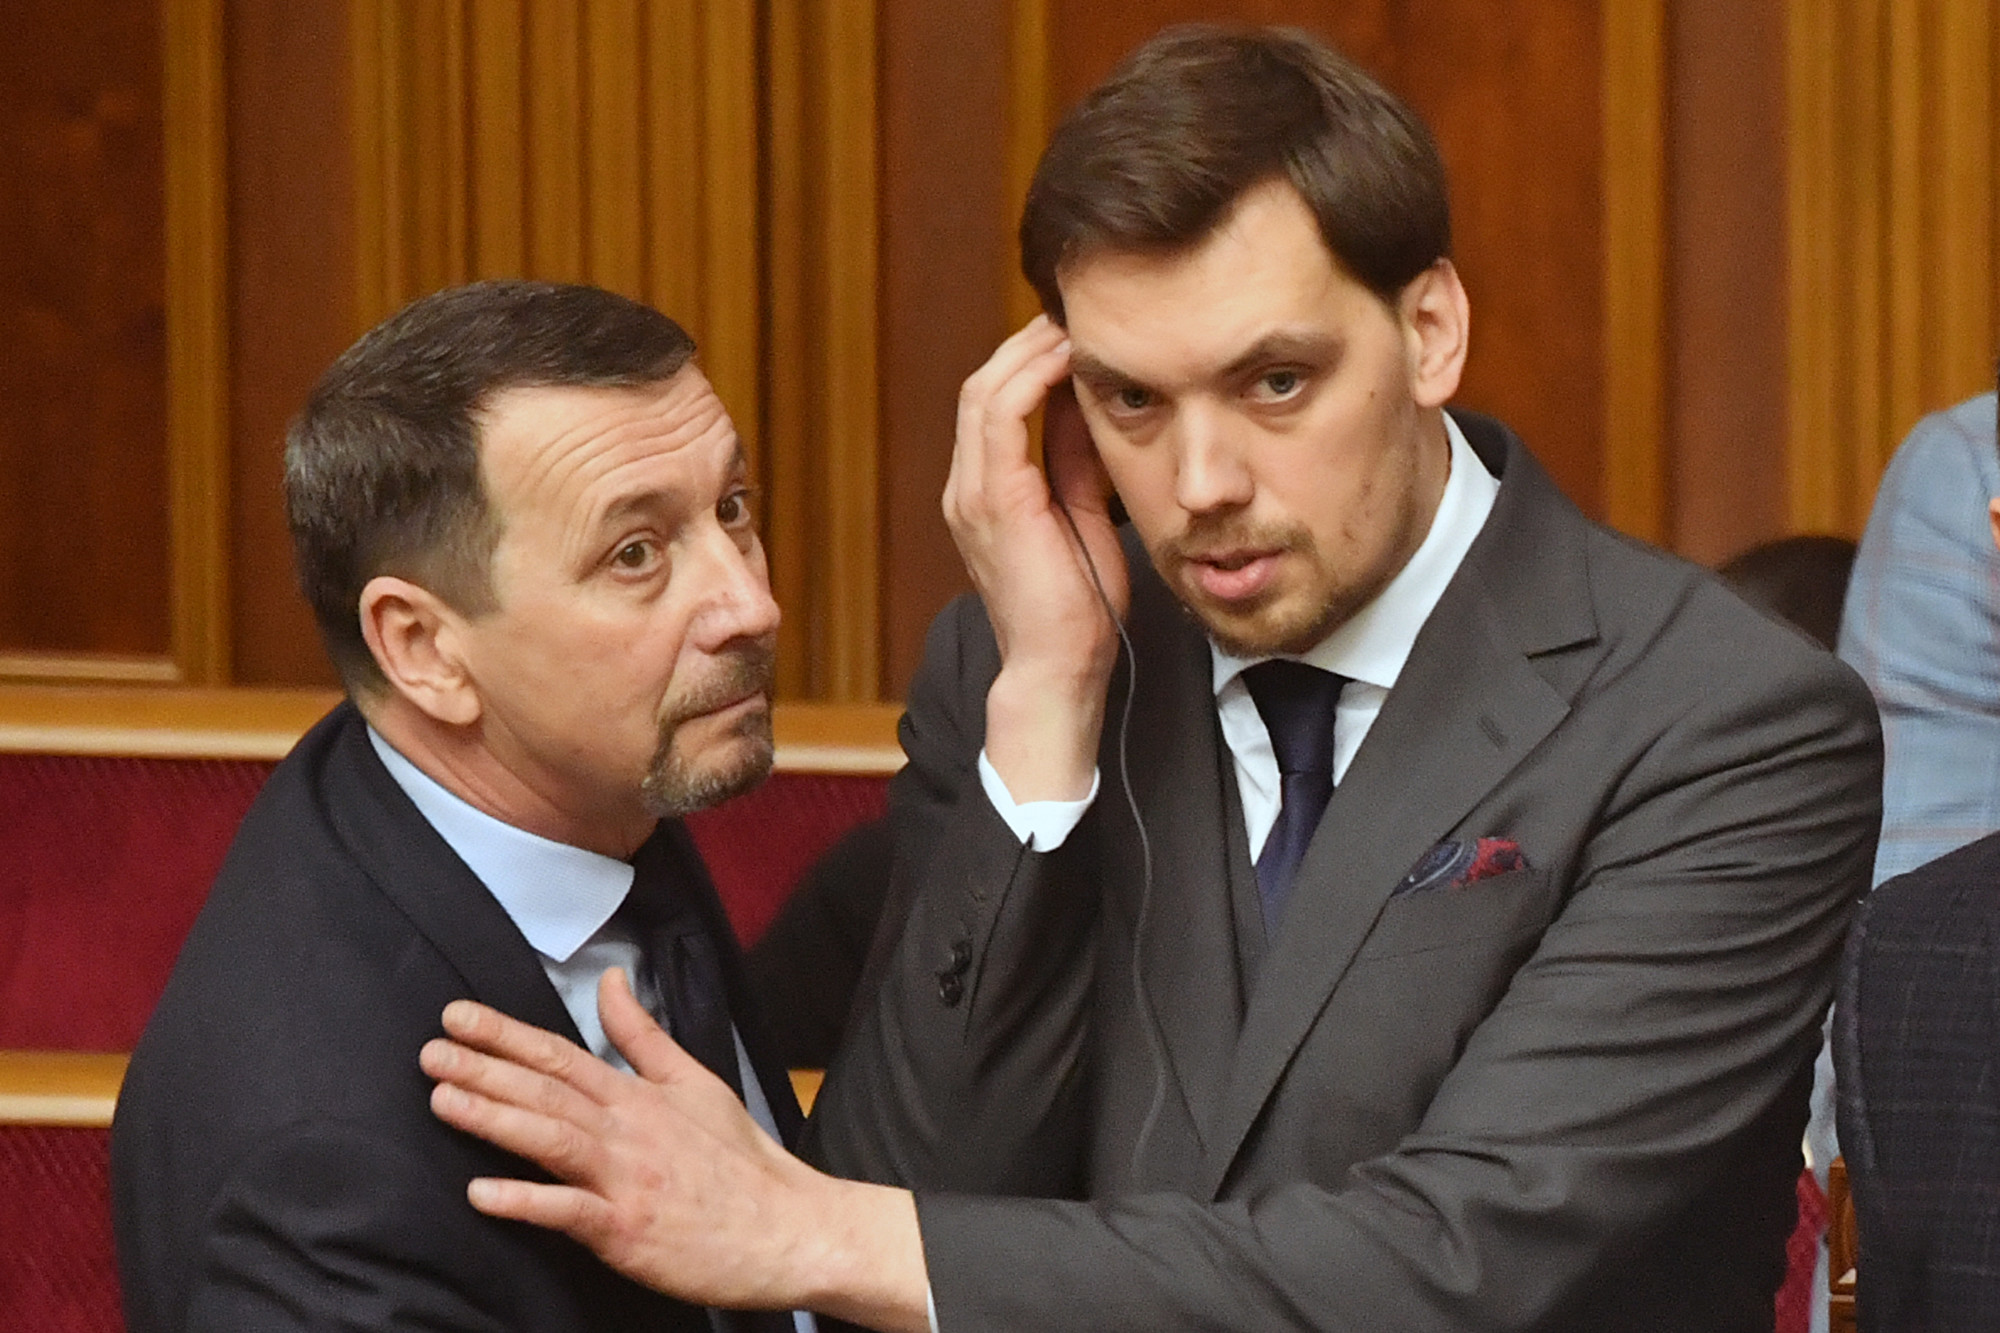 被指在錄音中批評總統 烏克蘭總理請辭